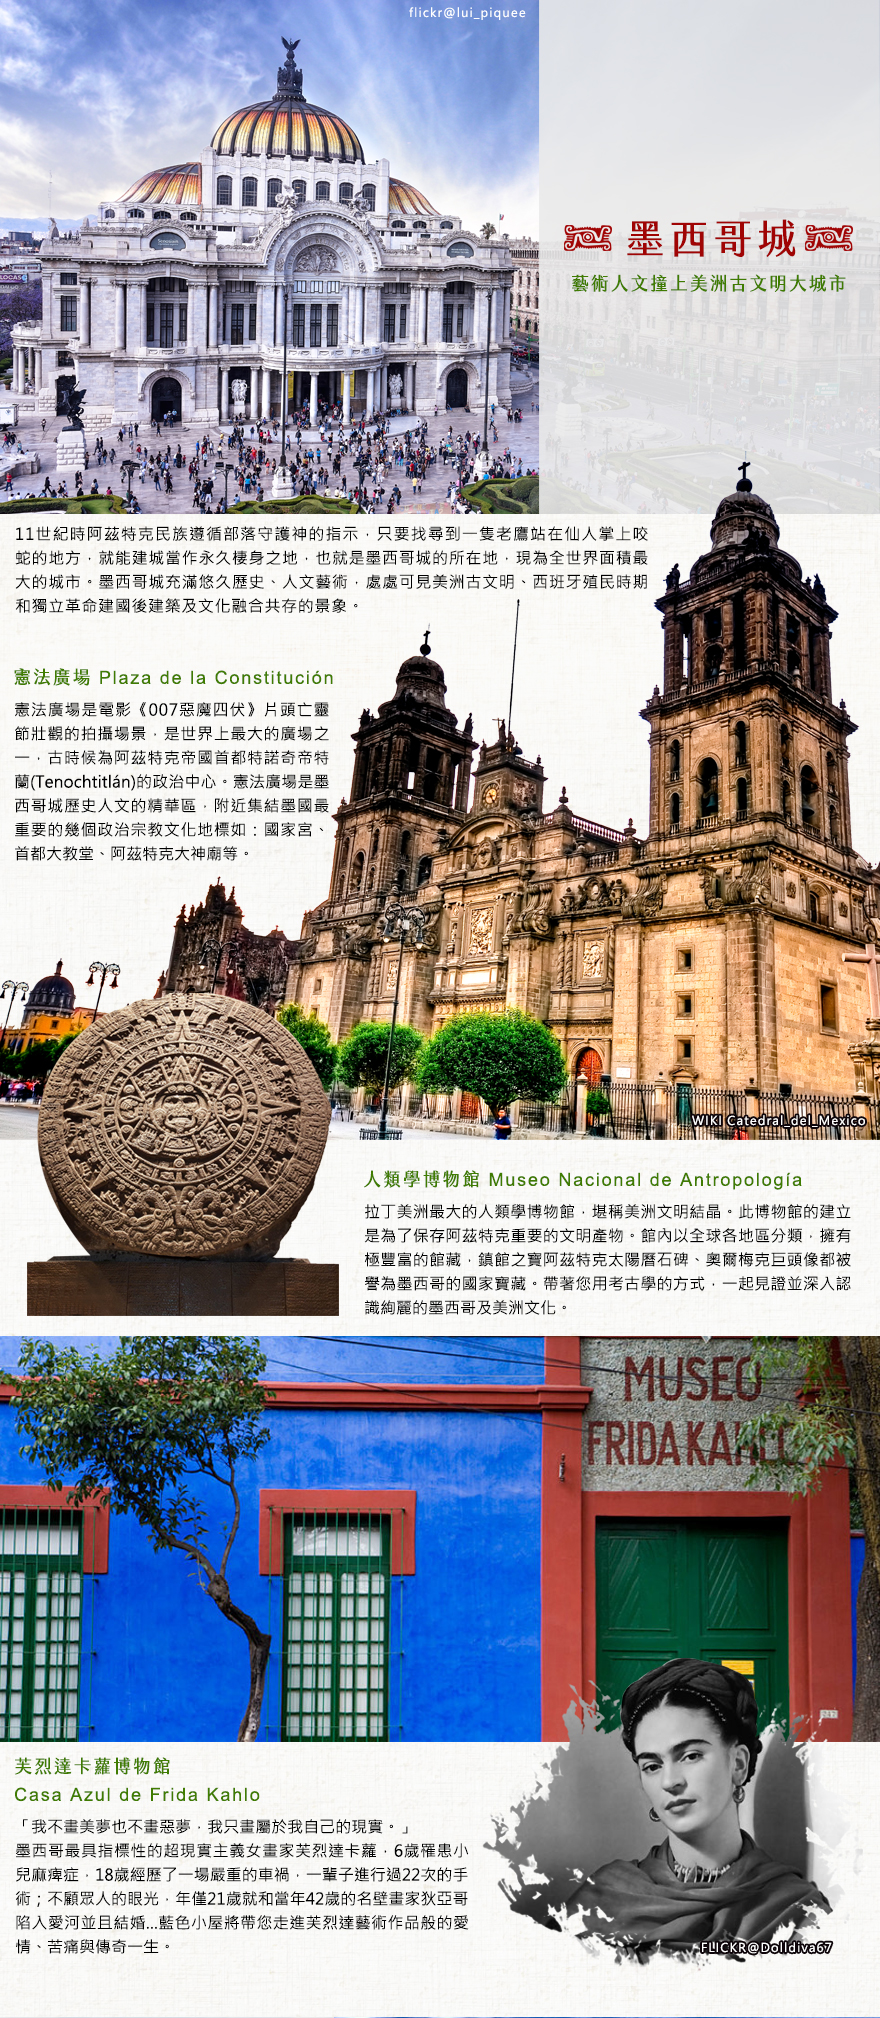 墨西哥城~藝術人文撞上美洲古文明大城市